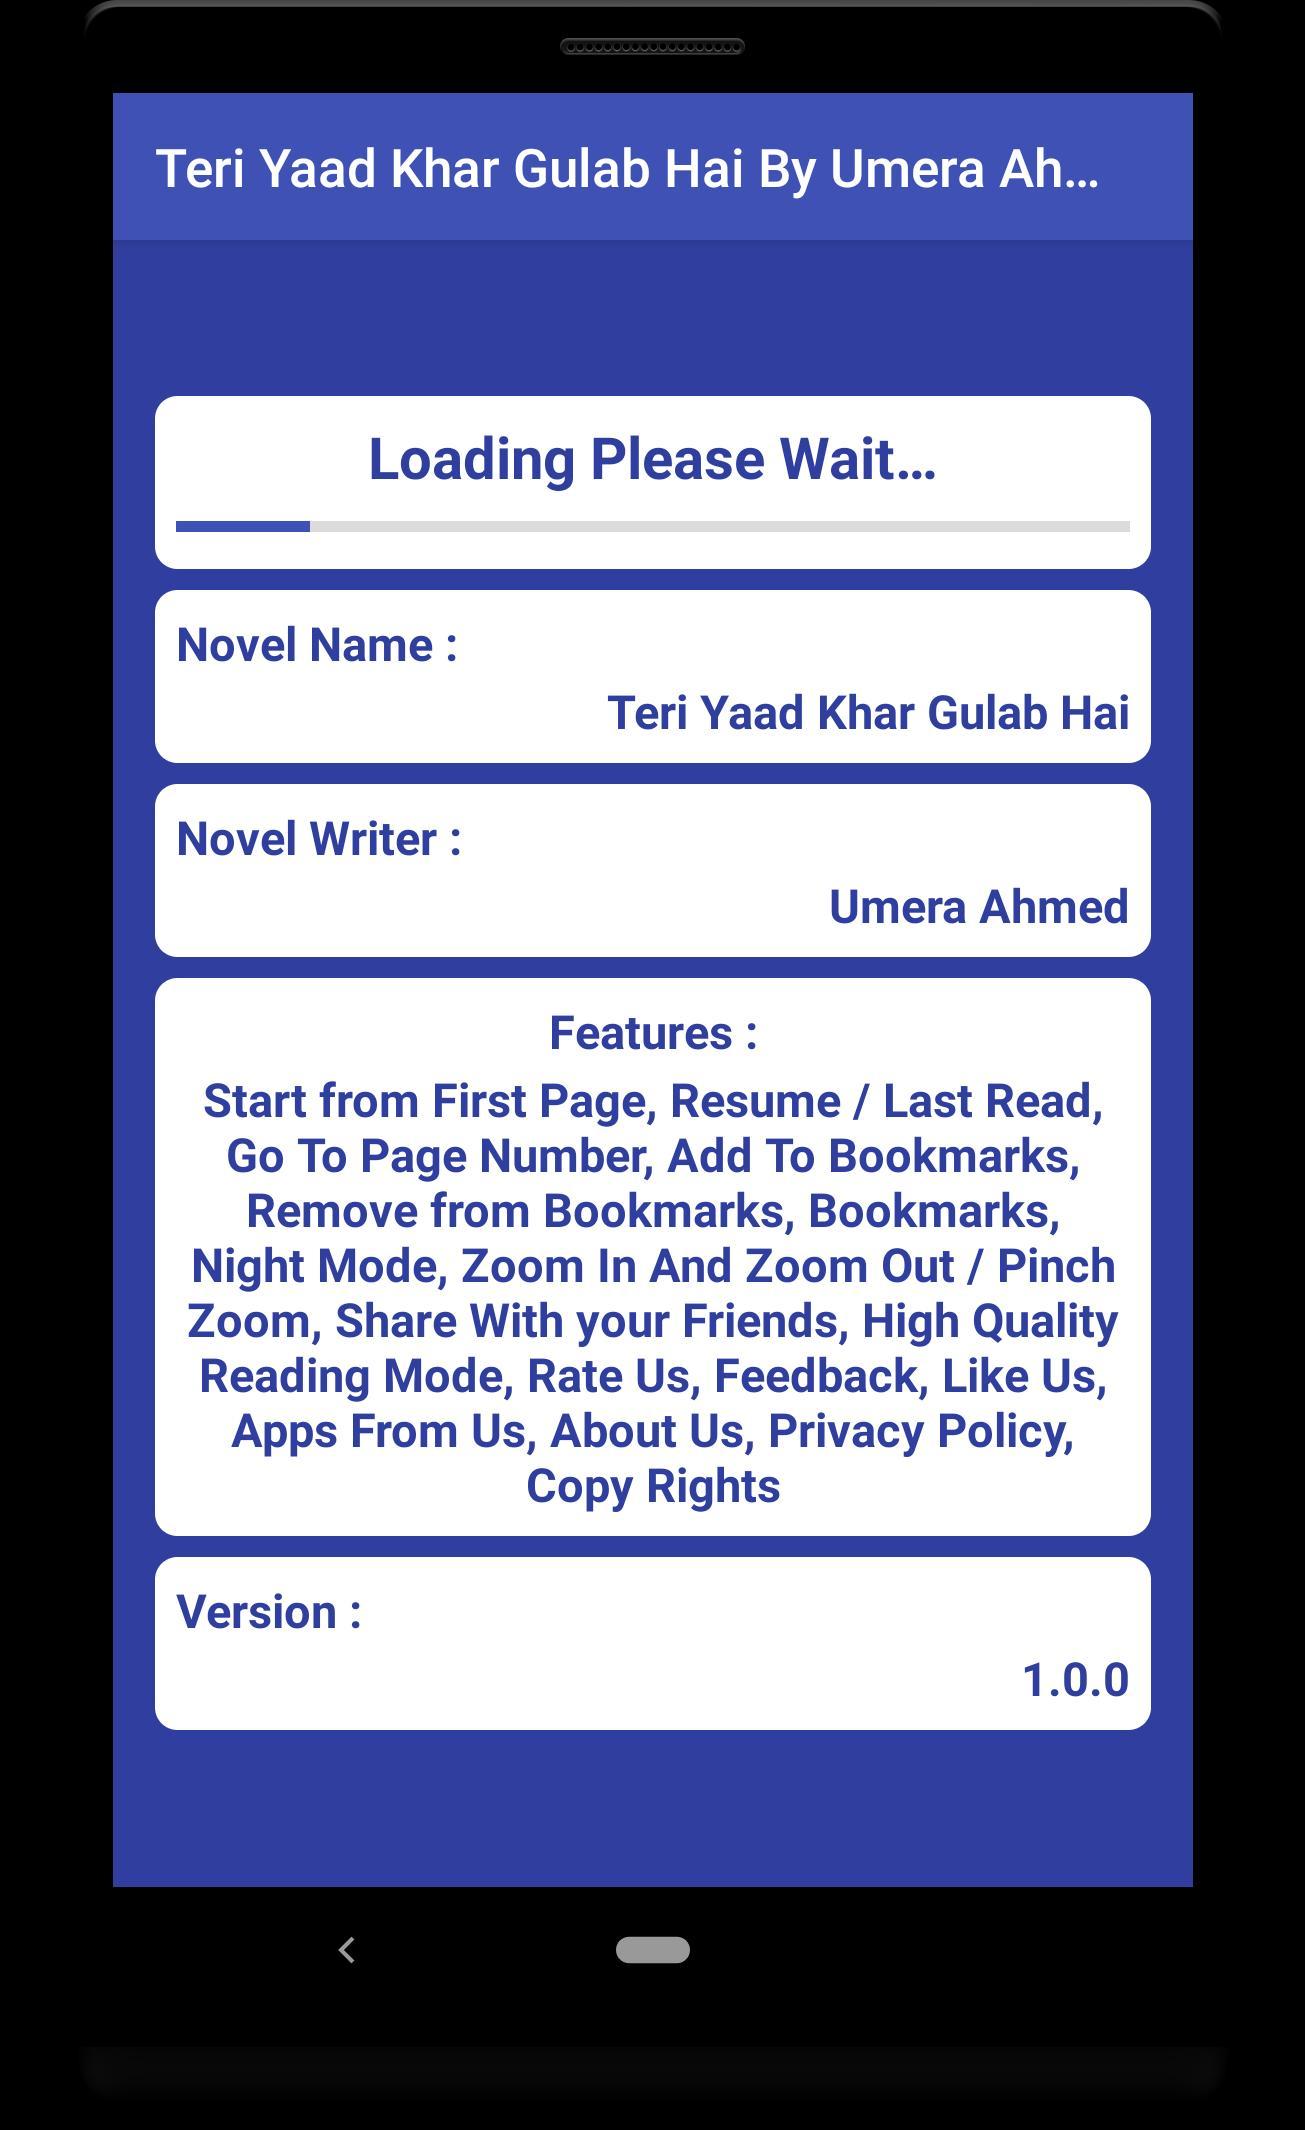 Teri Yaad Khar Gulab Hai By Umera Ahmed Urdu Novel poster